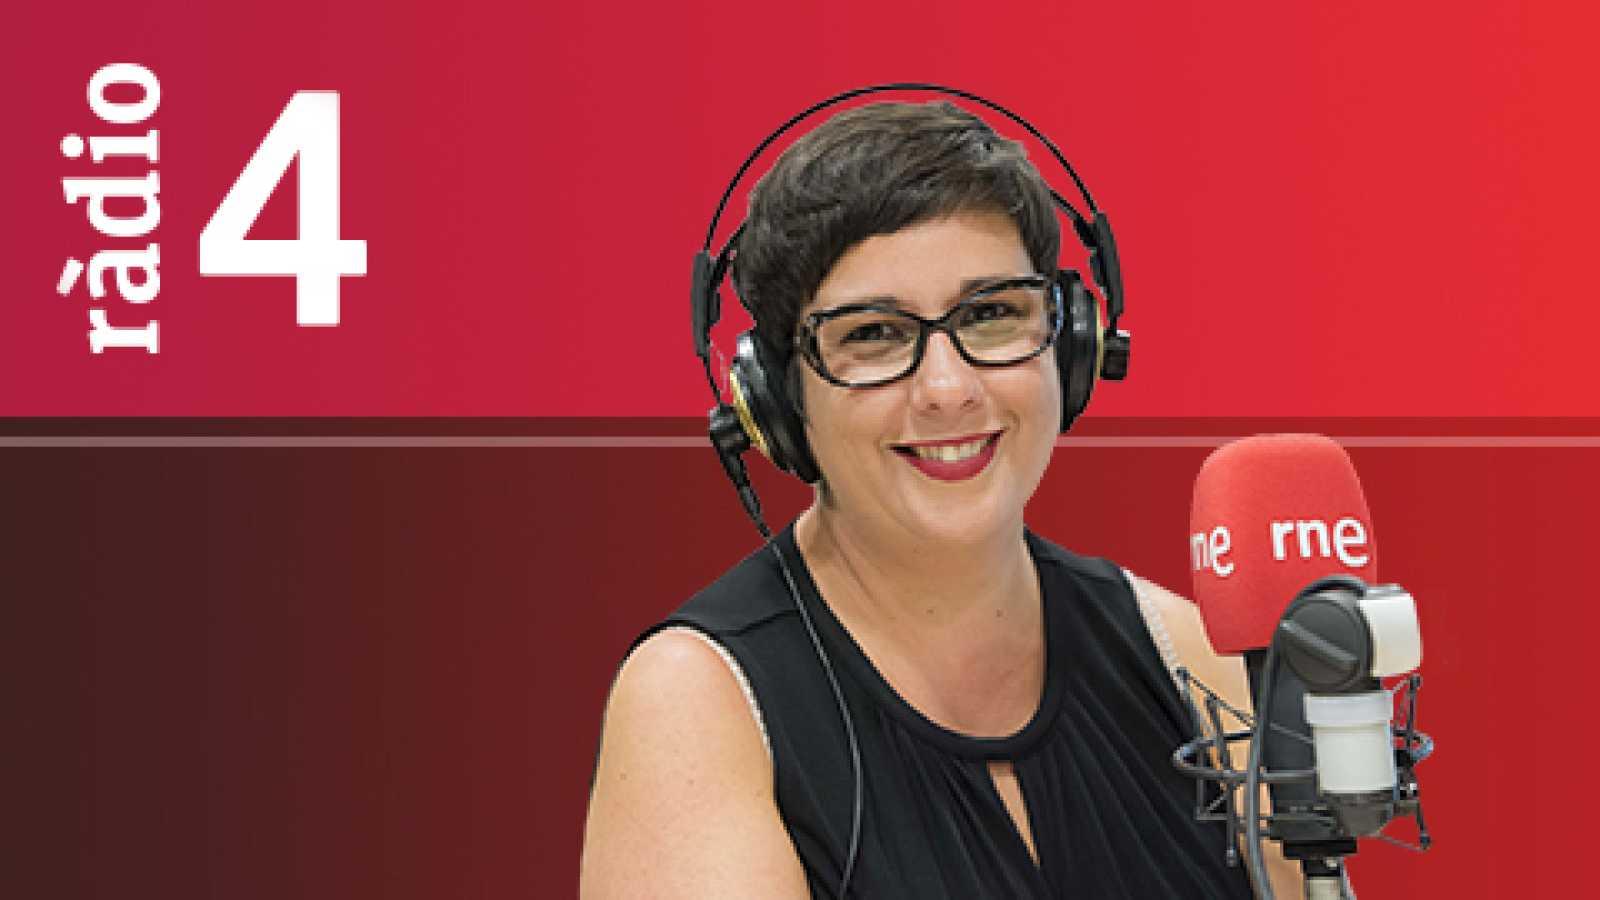 Realpolitik - Martí Cálix, Silvia López, Irene Pardo